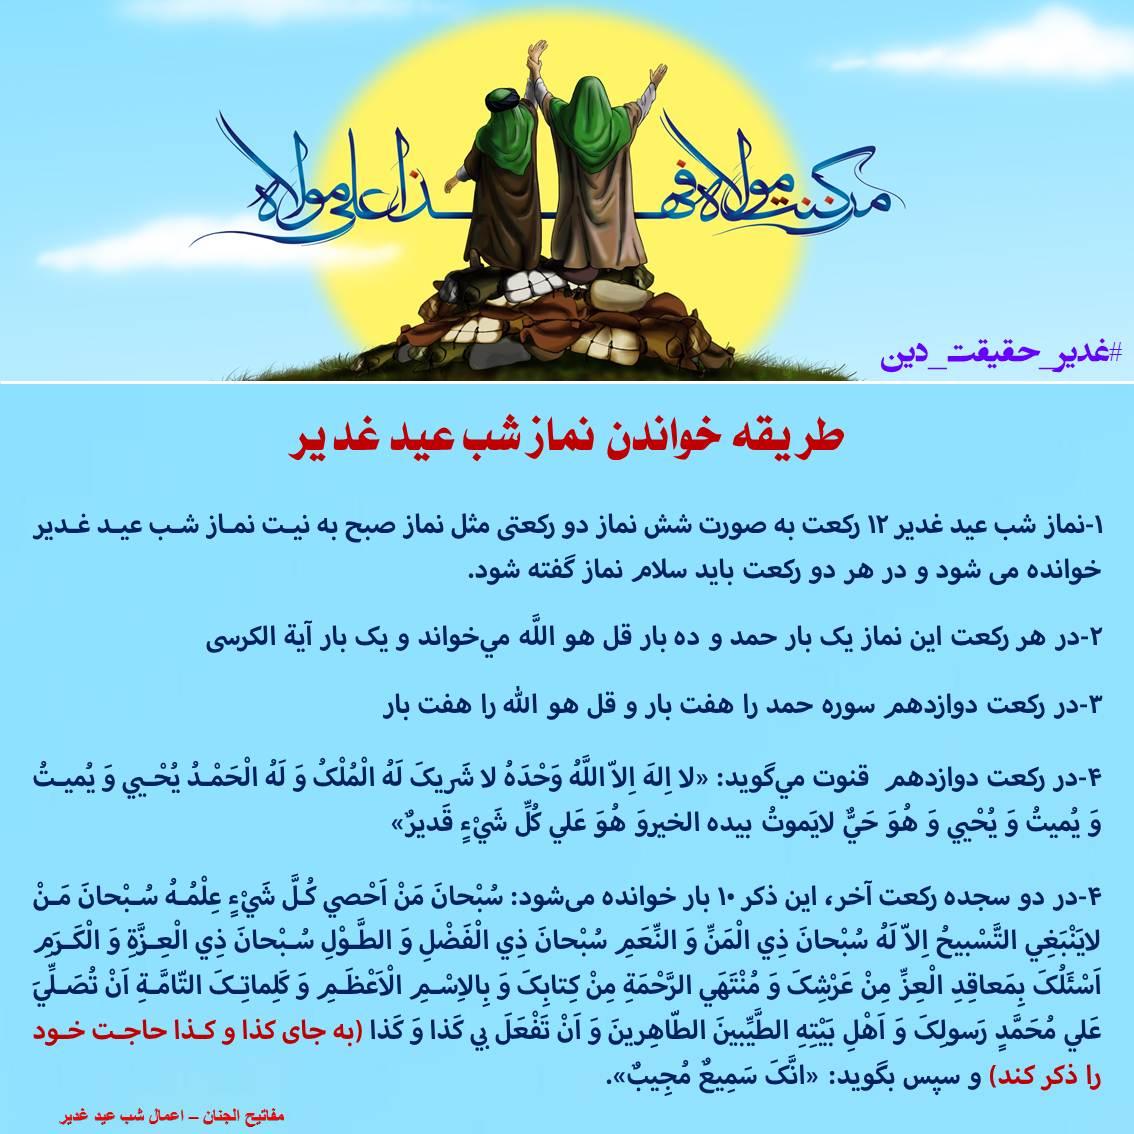 طریقه خواندن نماز شب عید غدیر ۲